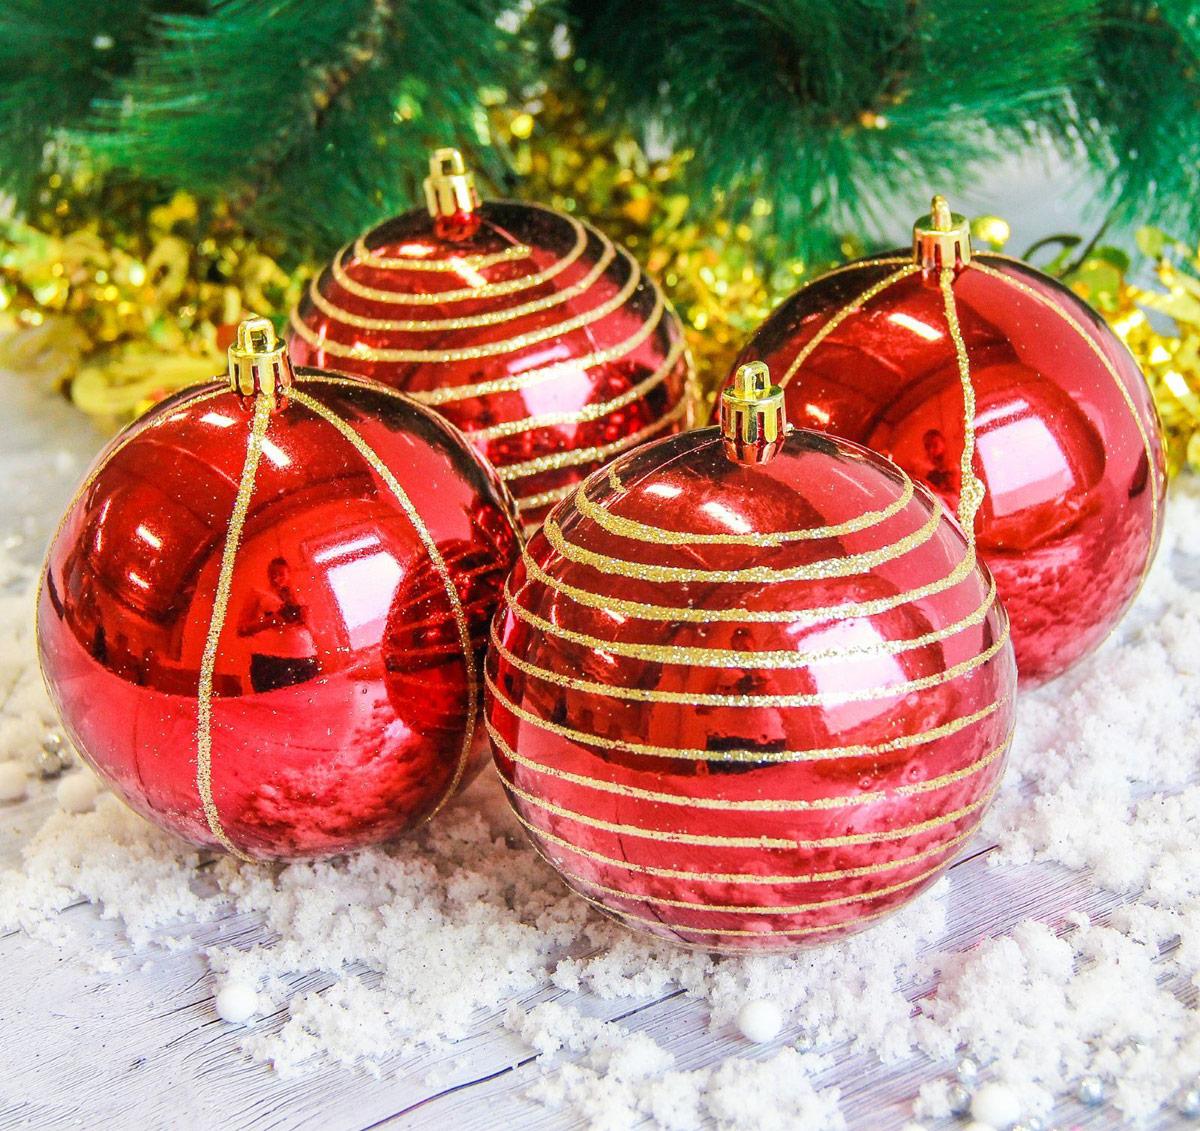 Набор новогодних подвесных украшений Sima-land Полосы, диаметр 10 см, 4 шт свеча ароматизированная sima land лимон на подставке высота 6 см